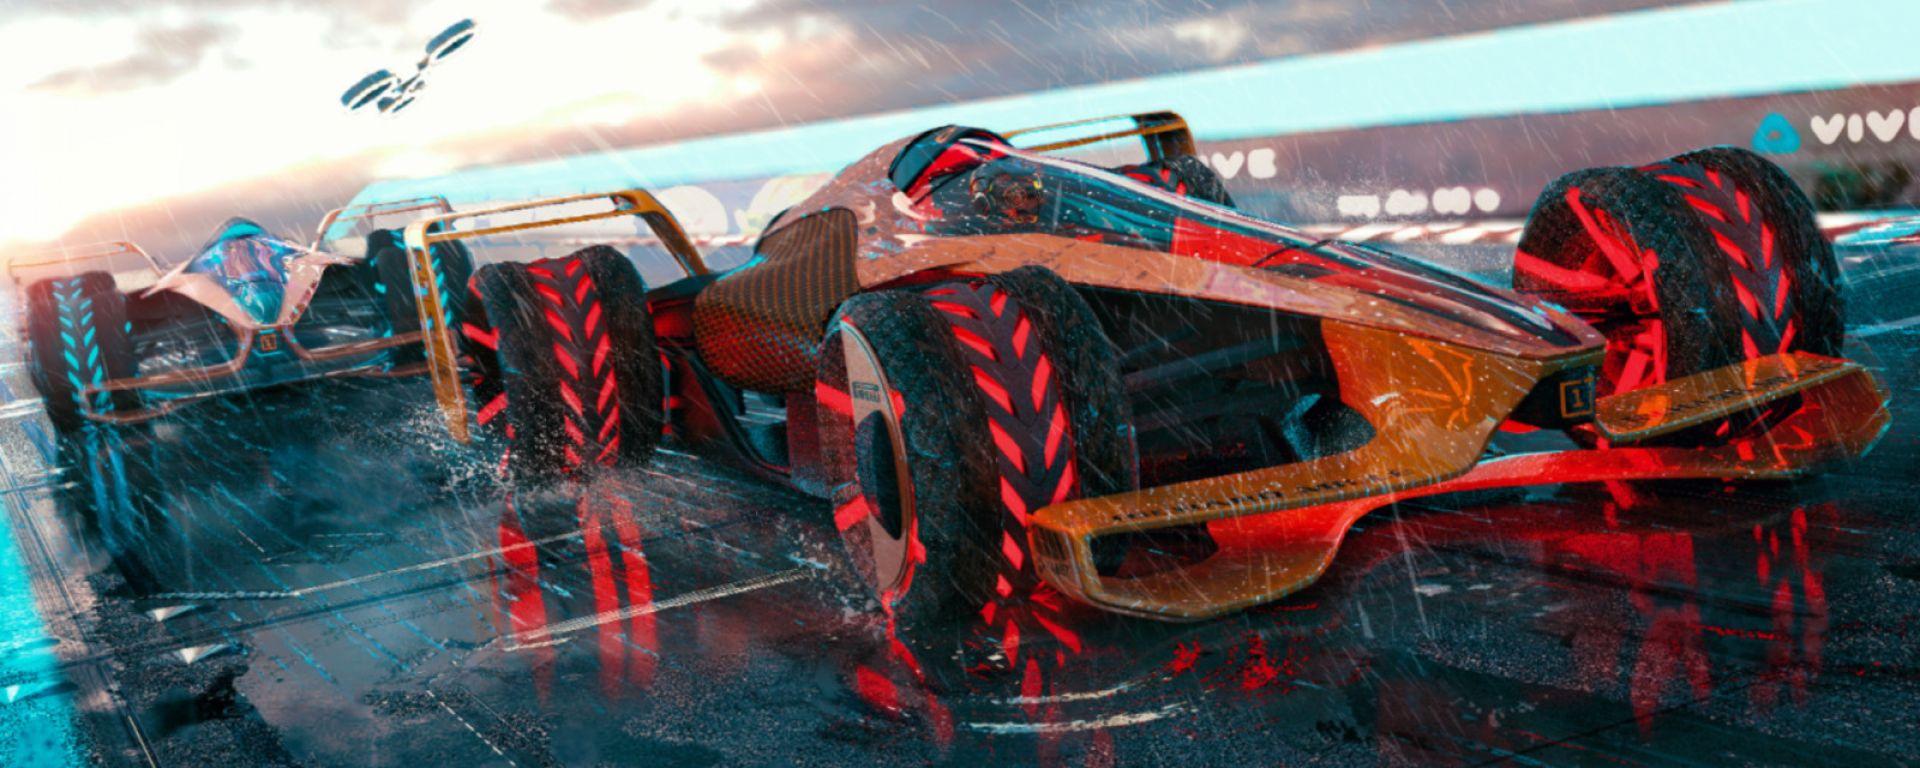 Ecco come sarà la Formula Uno del futuro, parola di McFly...cioè, McLaren